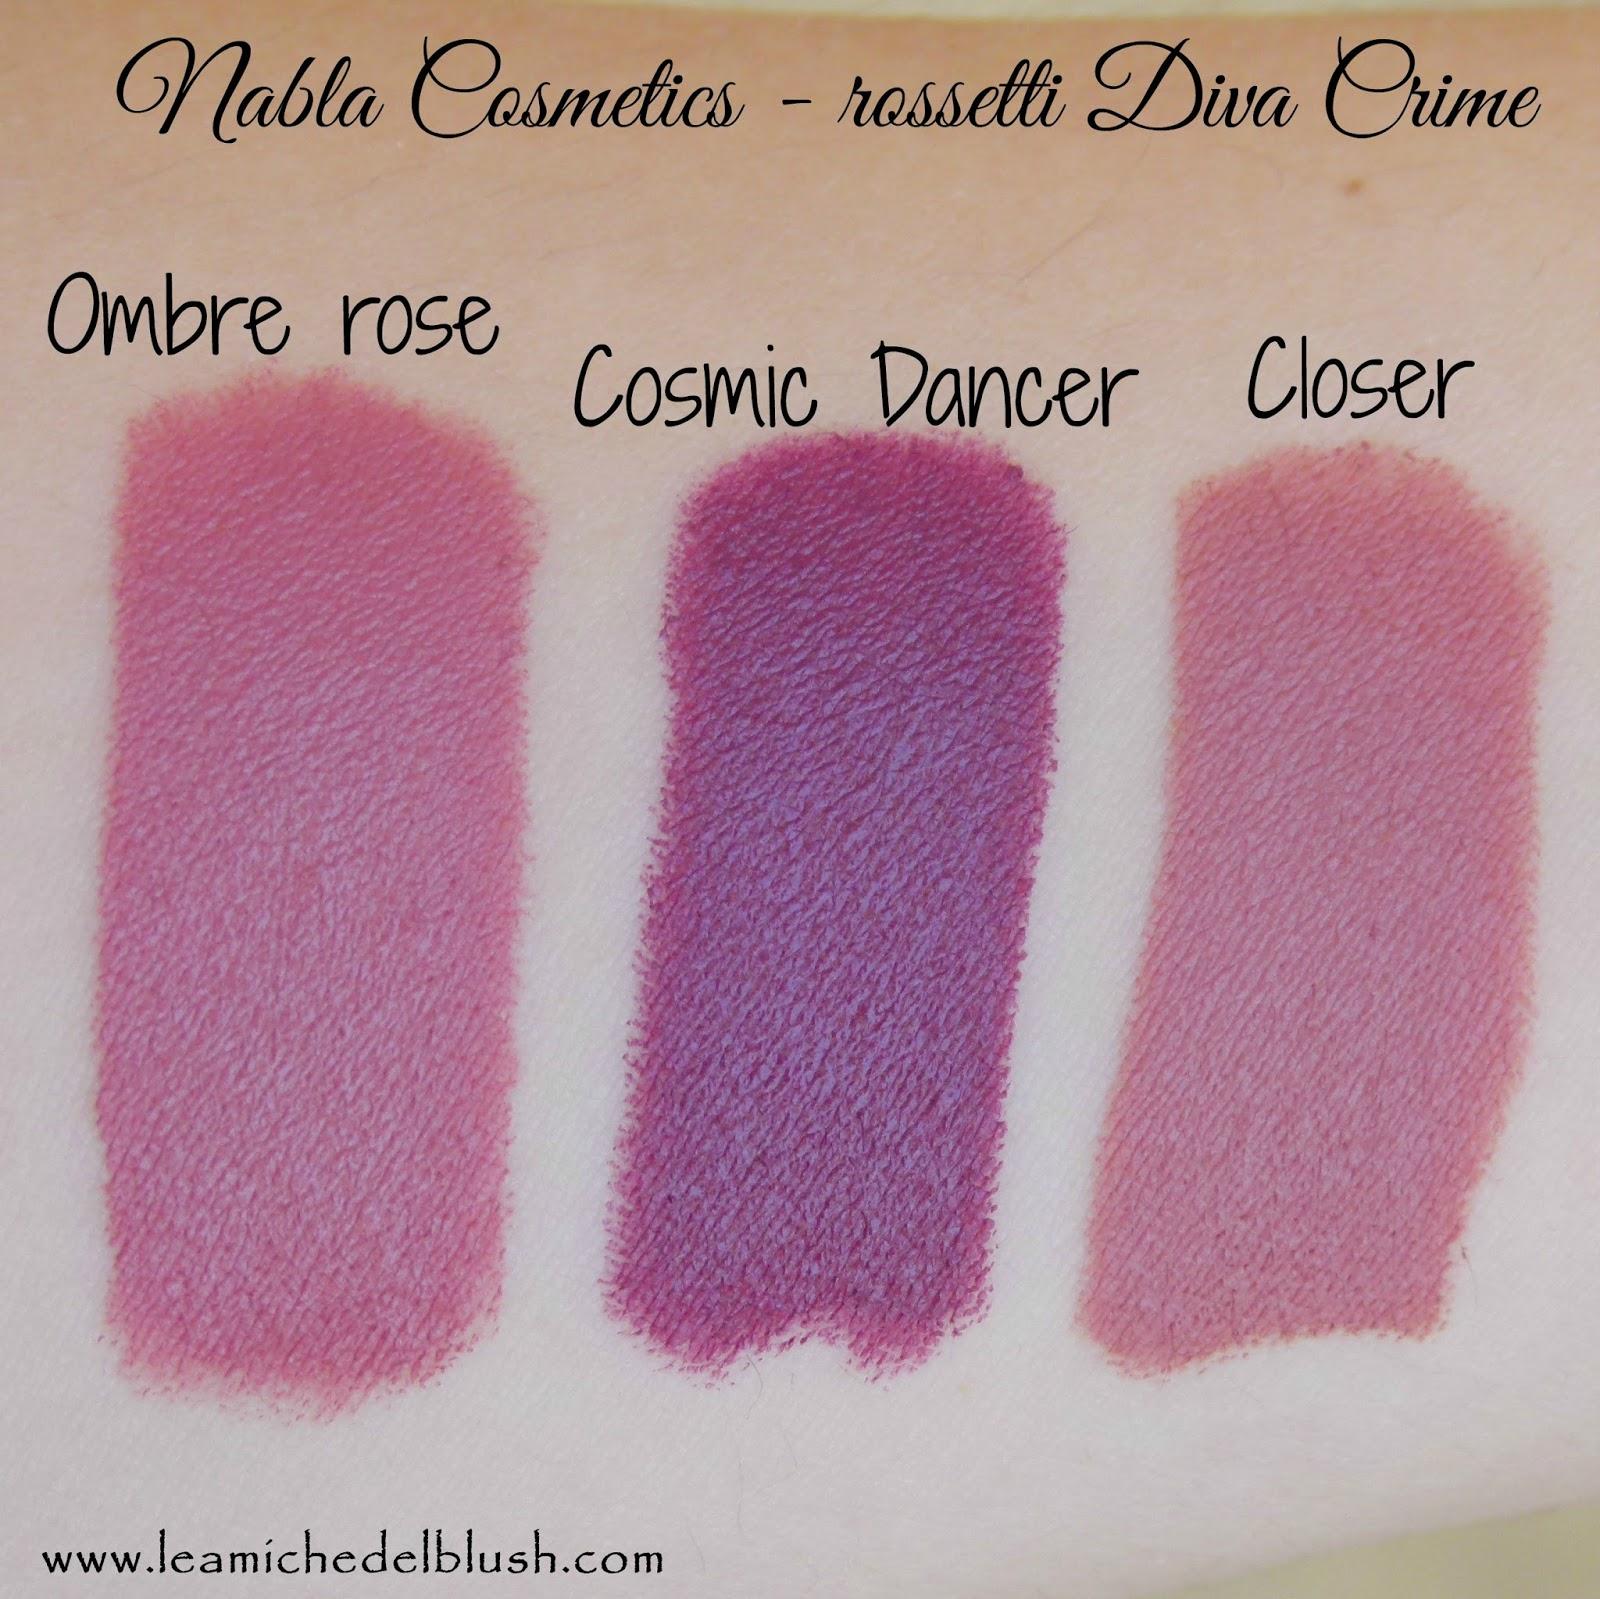 Le amiche del blush nabla cosmetics rossetti diva crime ombre rose cosmic dancer closer - Diva crime closer ...